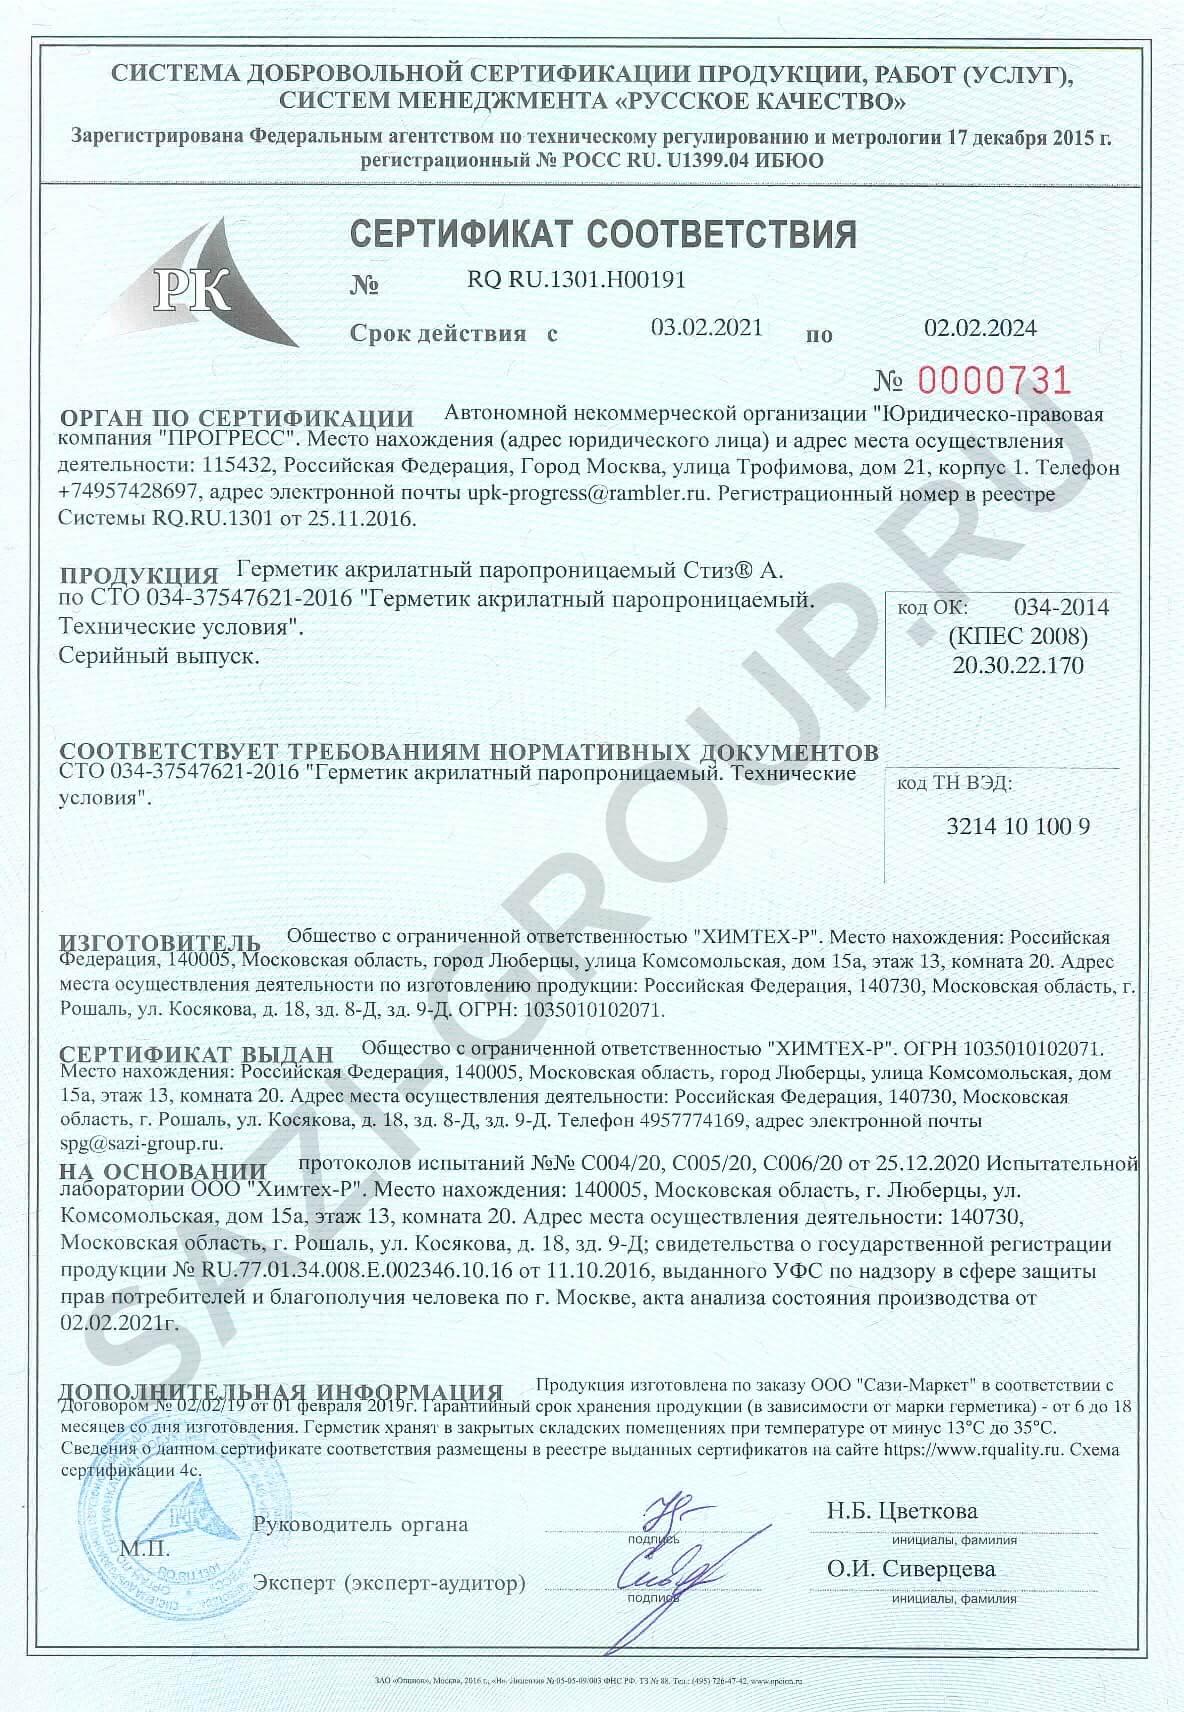 10 9 8 7 6 5 4 3 2 1 разработка смк - требования iso 9001: 2000 и рекомендации по его внедрению и и